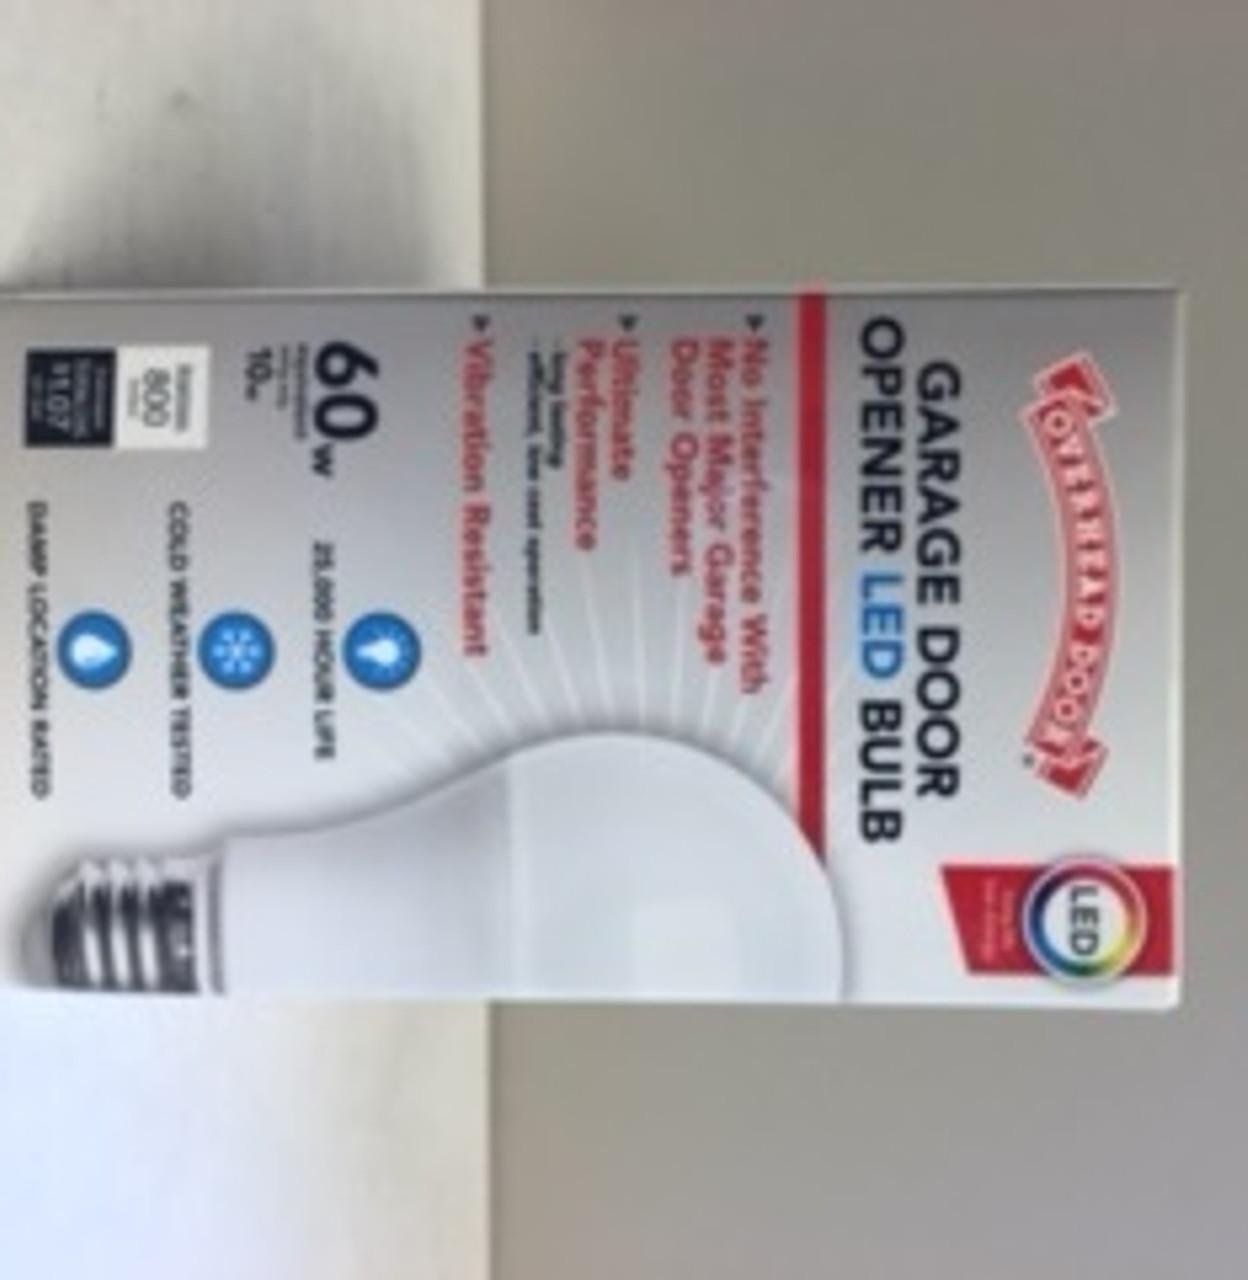 GARAGE DOOR OPENER LED LIGHT BULB (2 PACK)